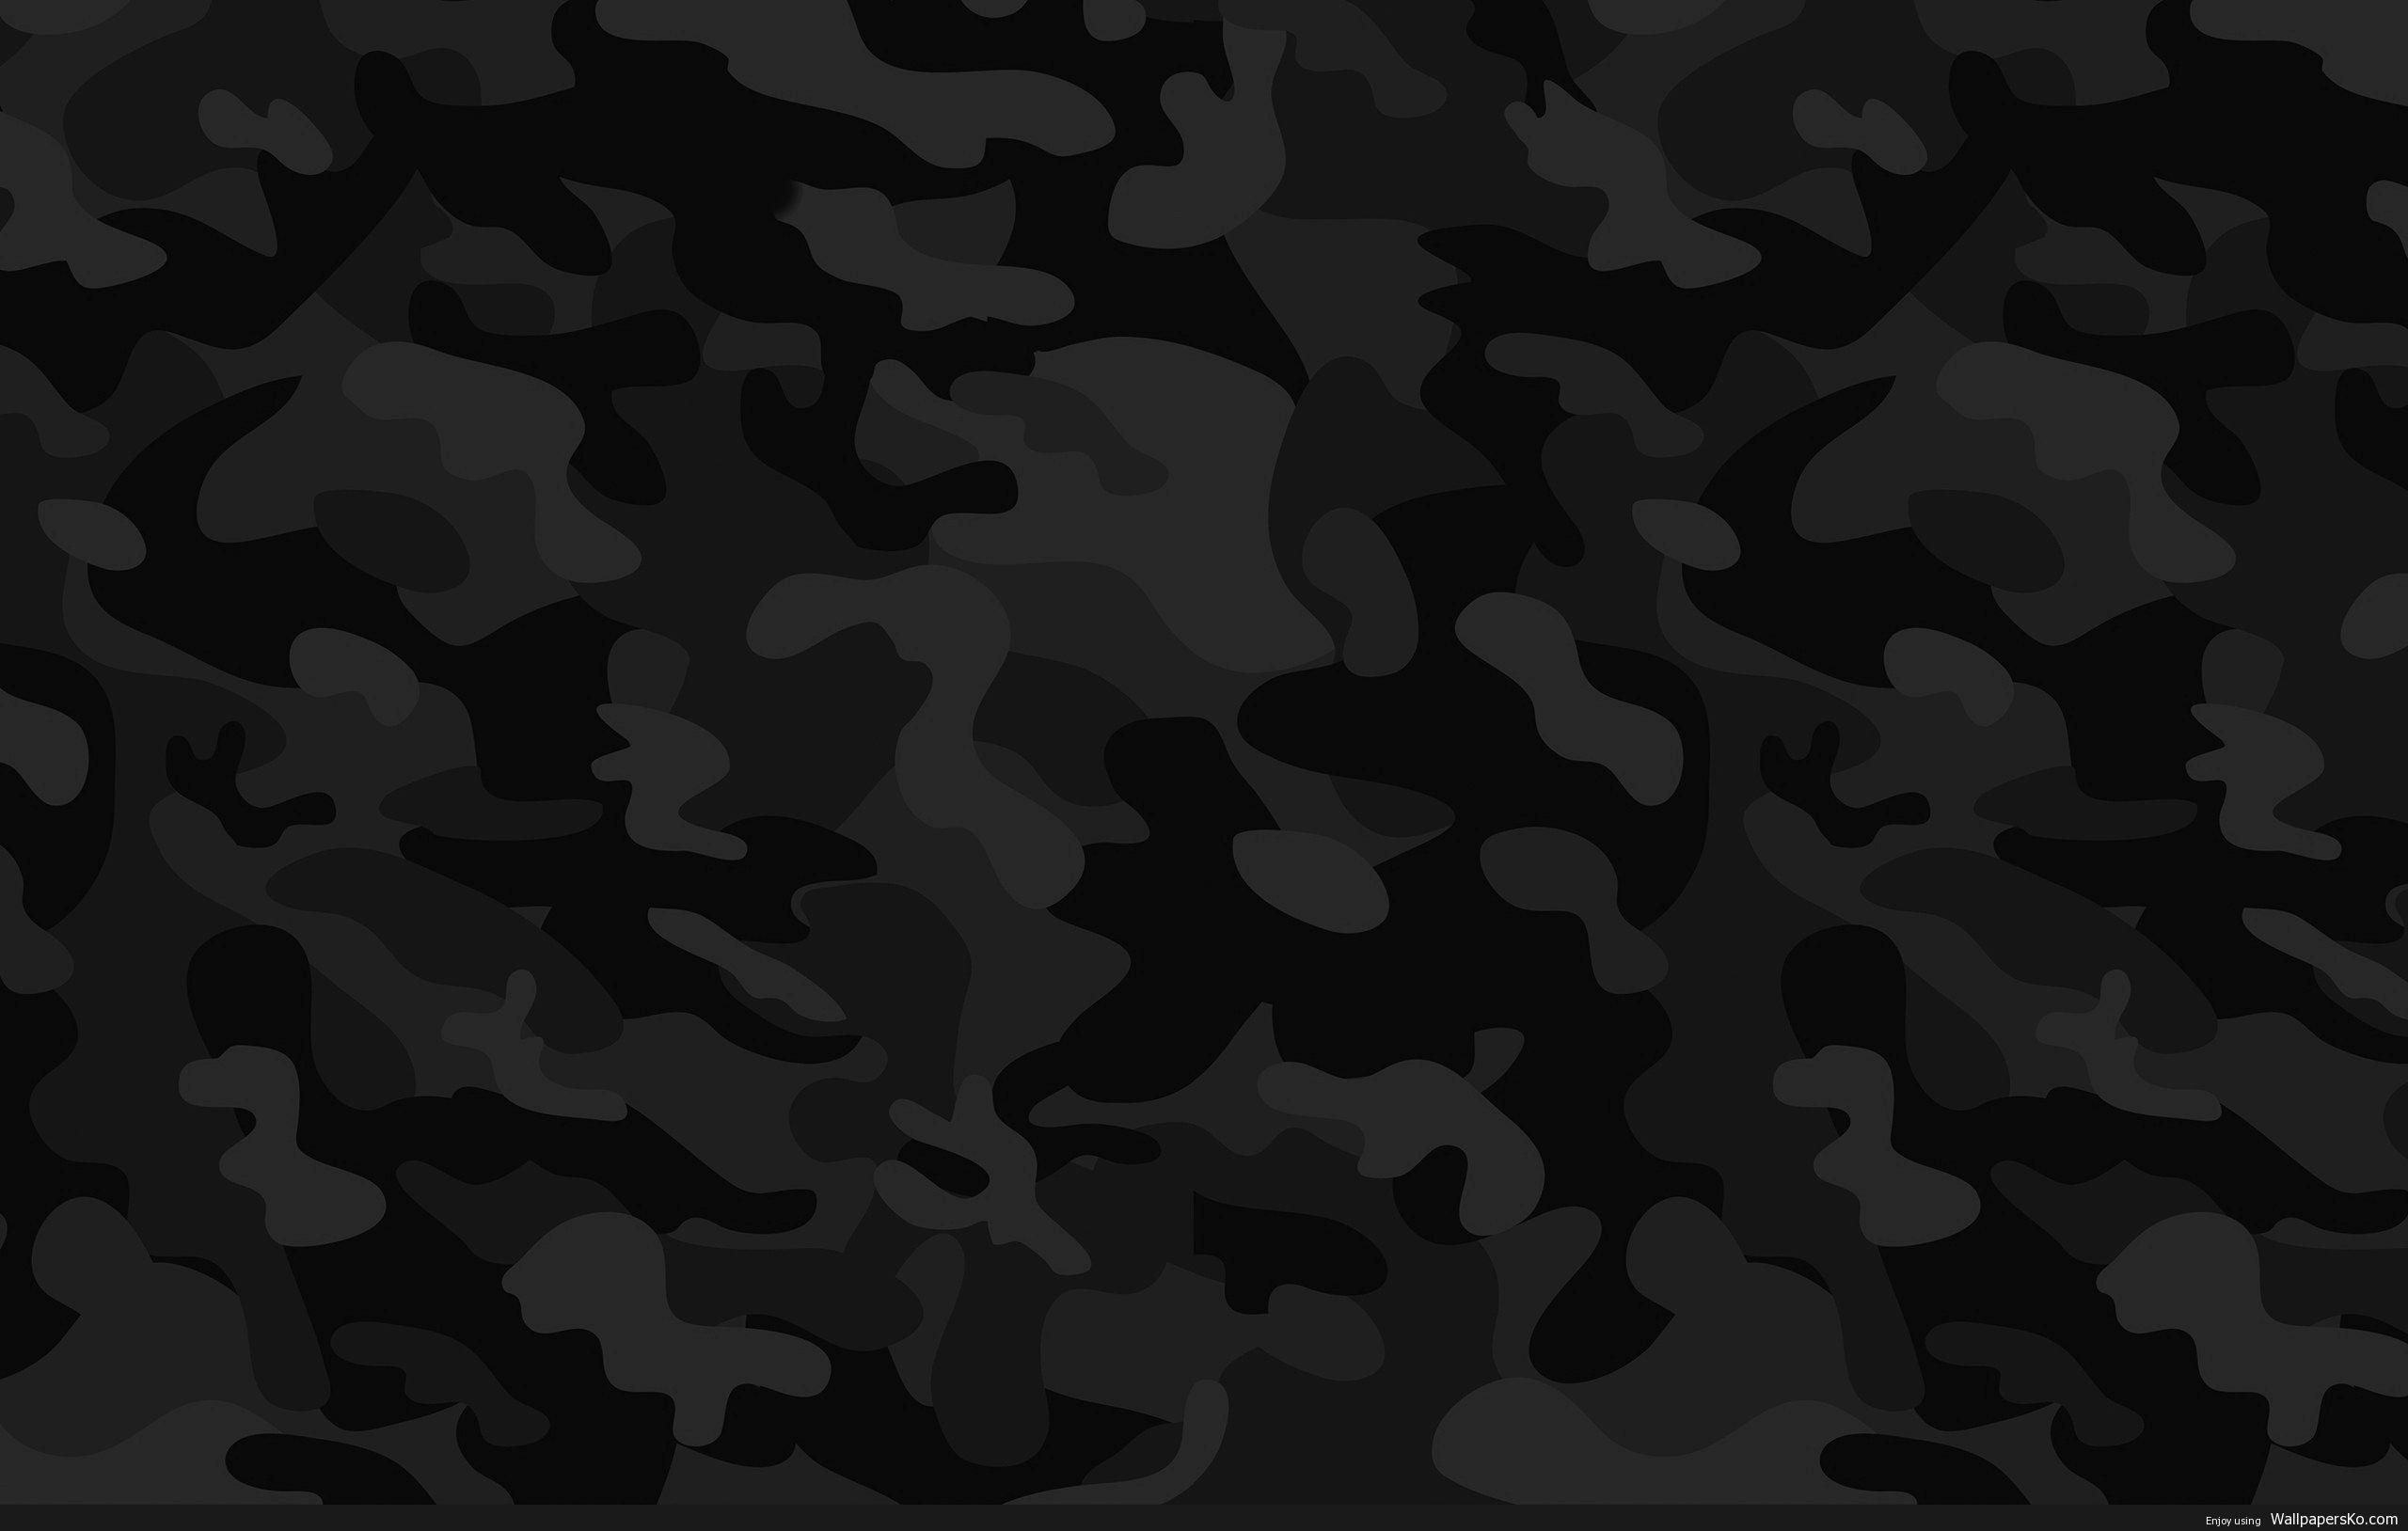 Dark Camo Background Http Wallpapersko Com Dark Camo Background Html Hd Wallpapers Download Camo Wallpaper Camouflage Wallpaper White Camo Wallpaper